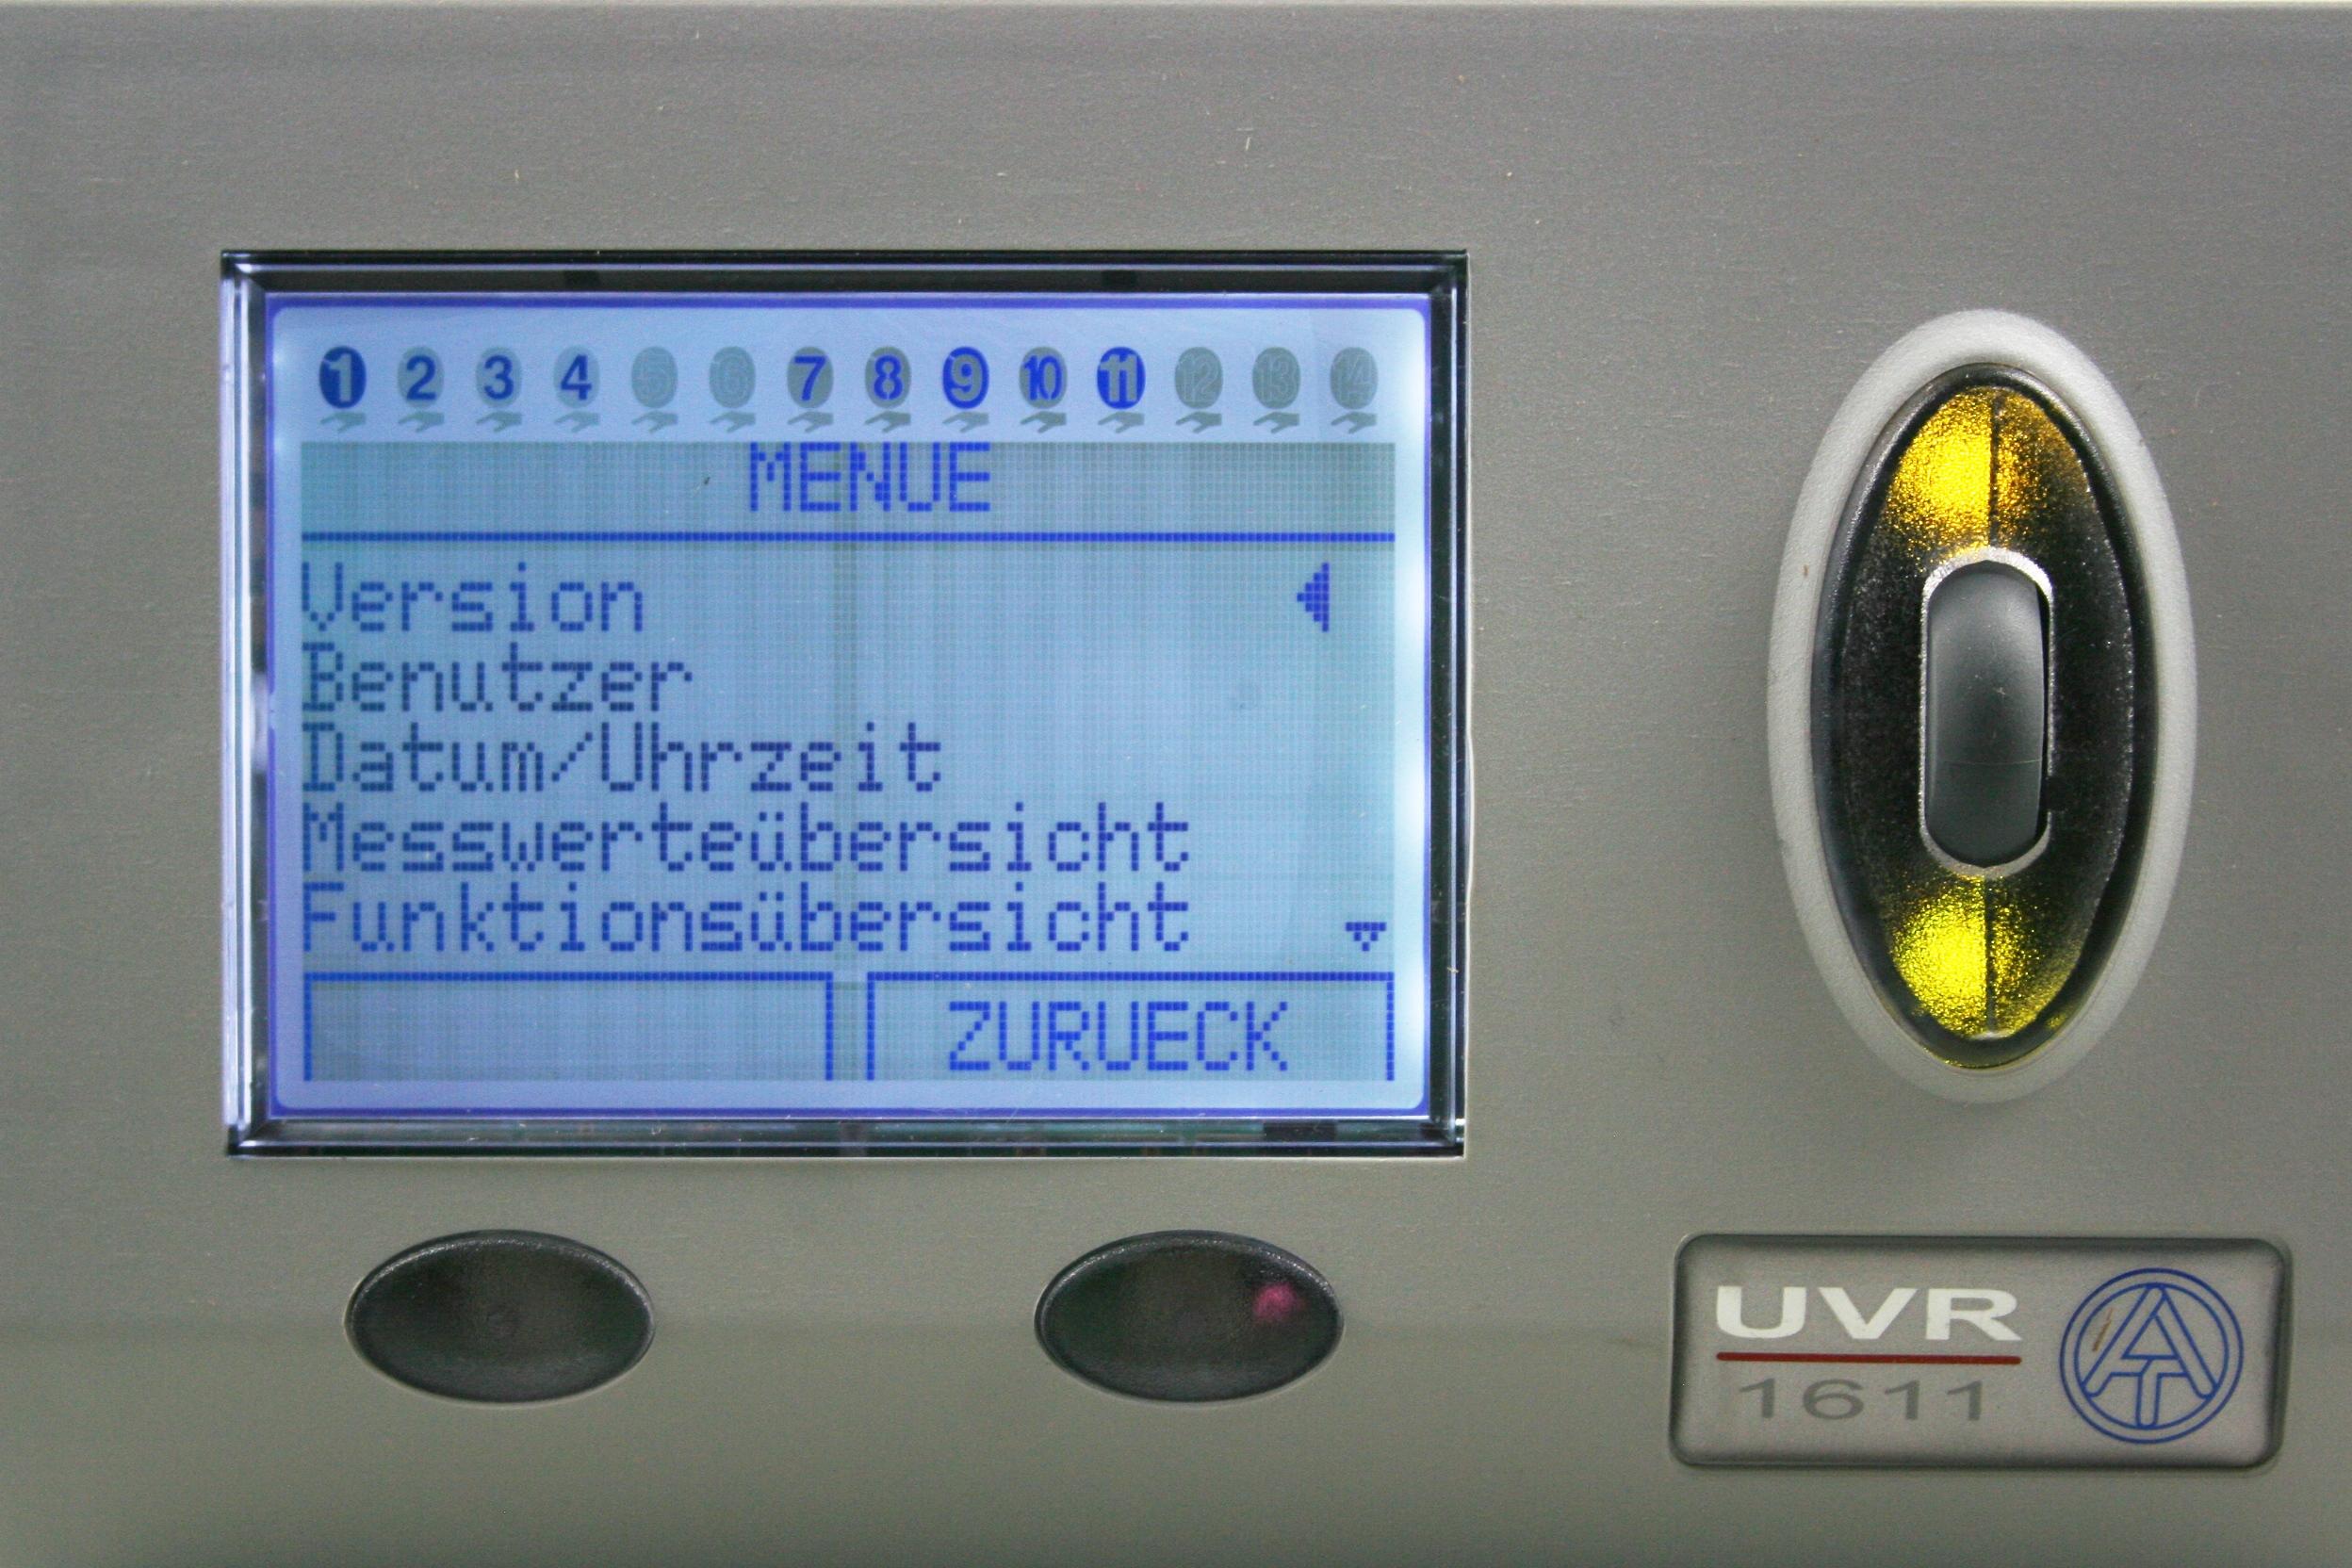 UVR 1611 lässt sich intuitiv bedinen. Alle Funktionen, Fühler und Zusatzfunktionen werden hierüber gesteuert und ausgewertet.